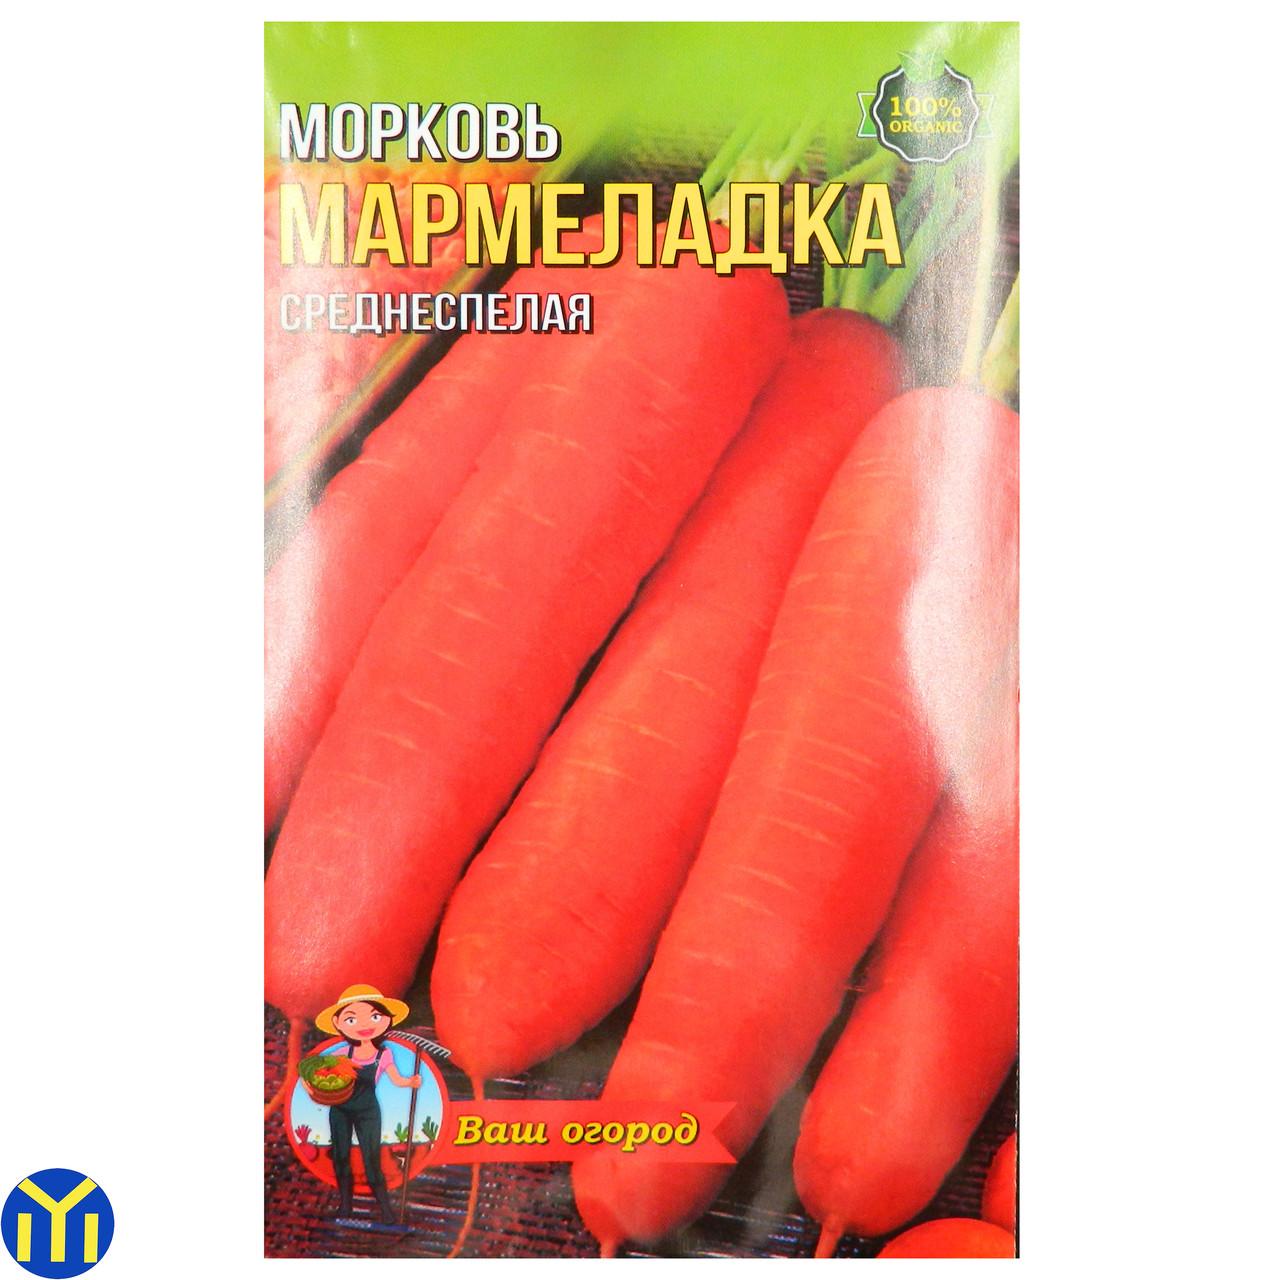 Семена морковь Мармеладка, Среднеспелая